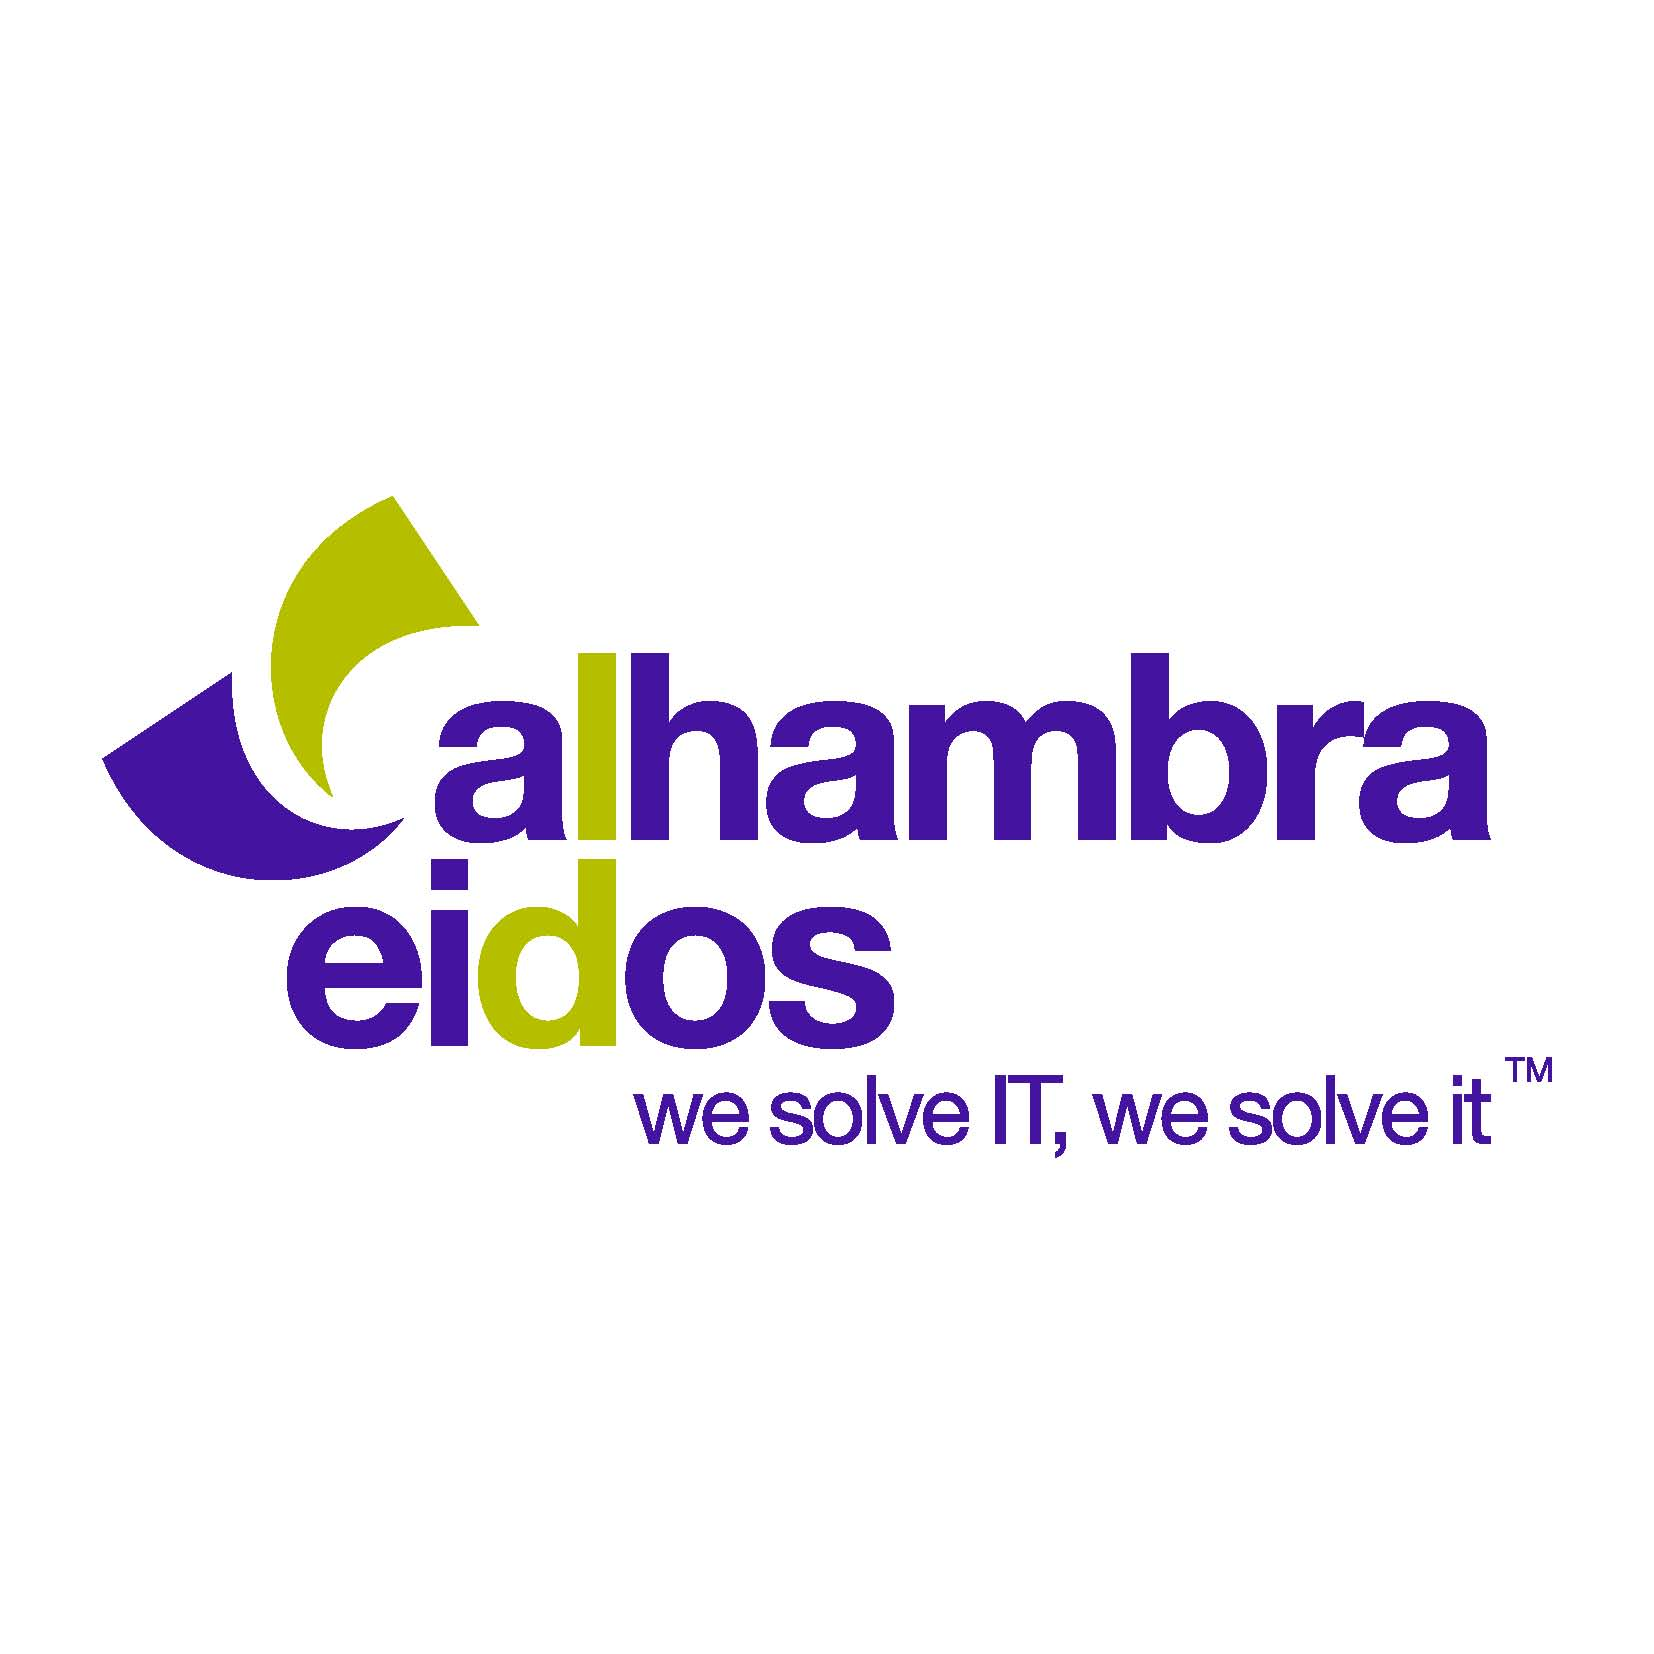 Alhambra-Eidos crece por encima del 8% en el T1 2019, continuando con el crecimiento obtenido en 2018